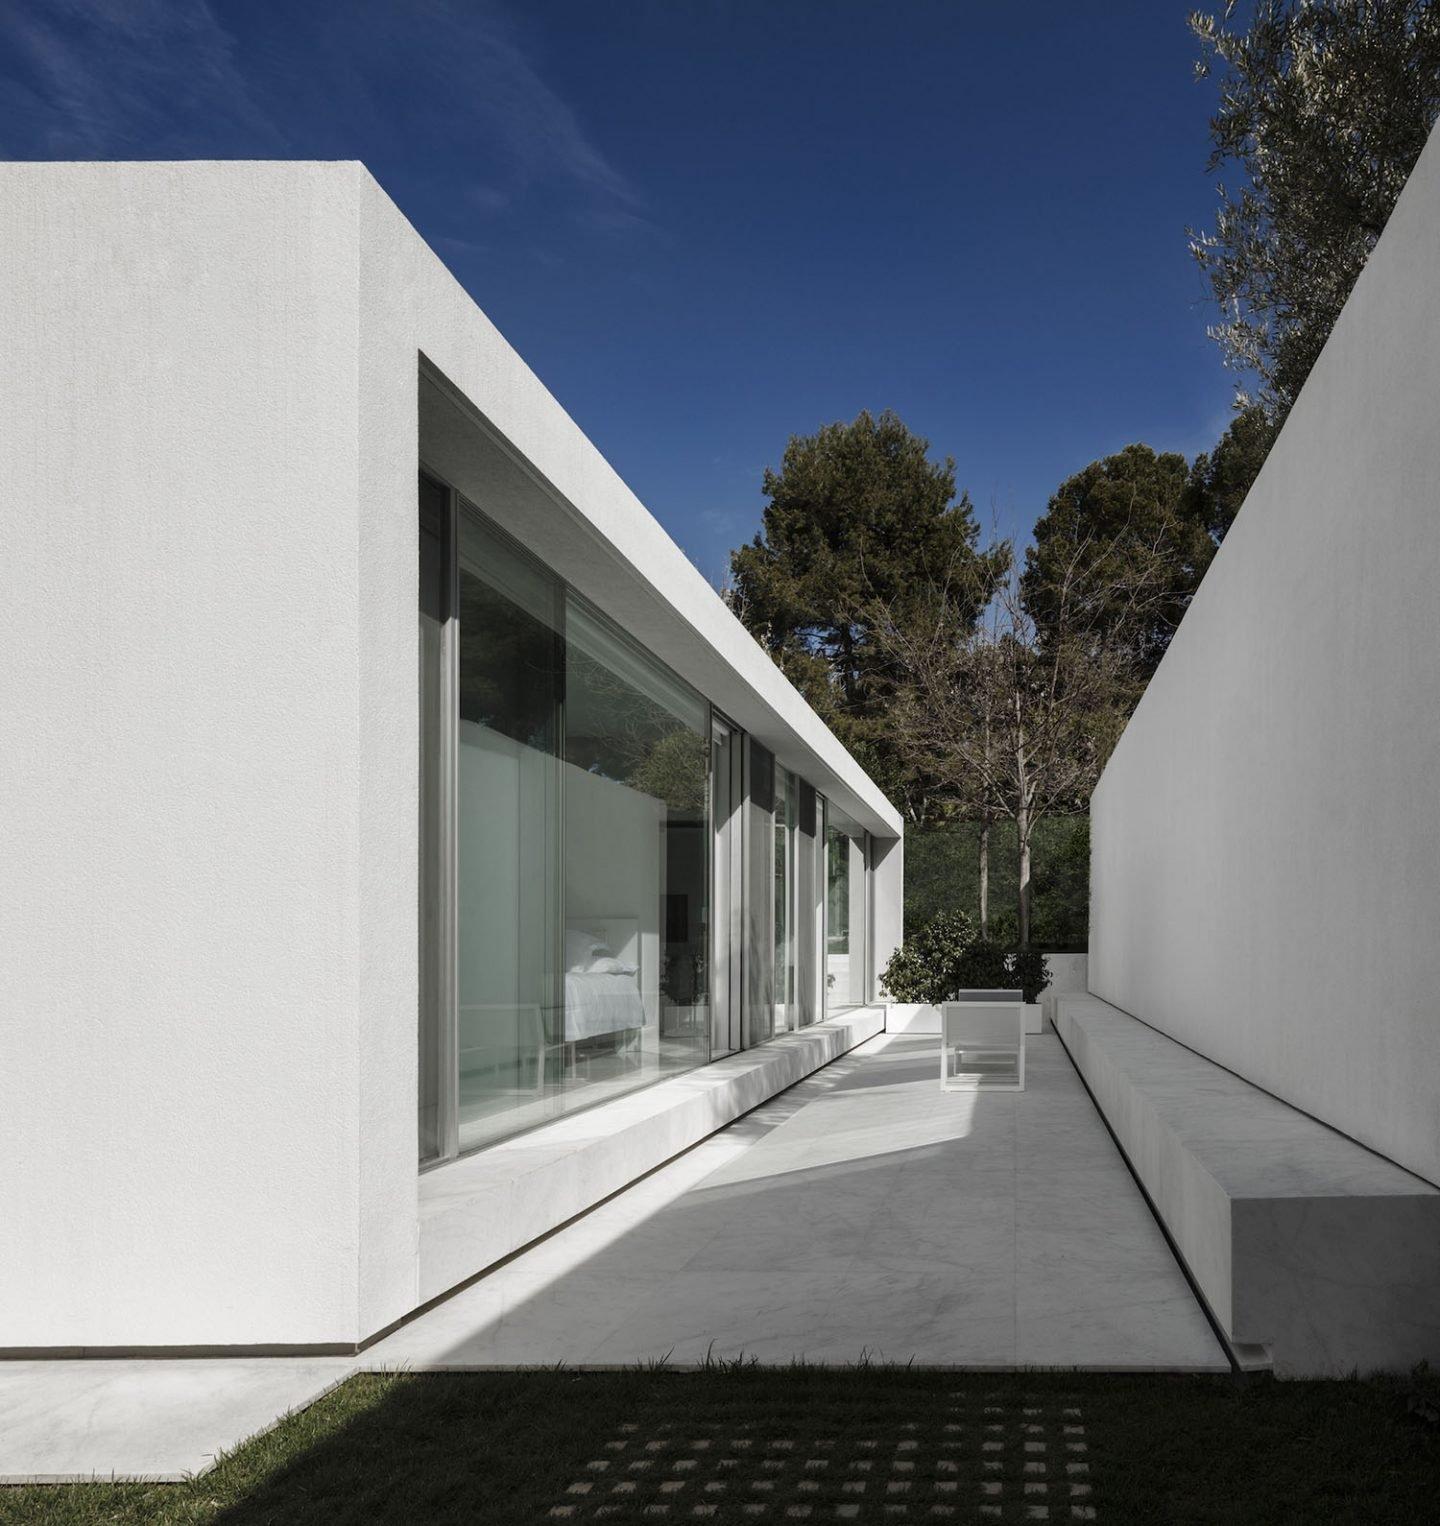 iGNANT_Architecture_Fran_Silvestre_Arquitectos_Guest_Pavilion_Valencia_10